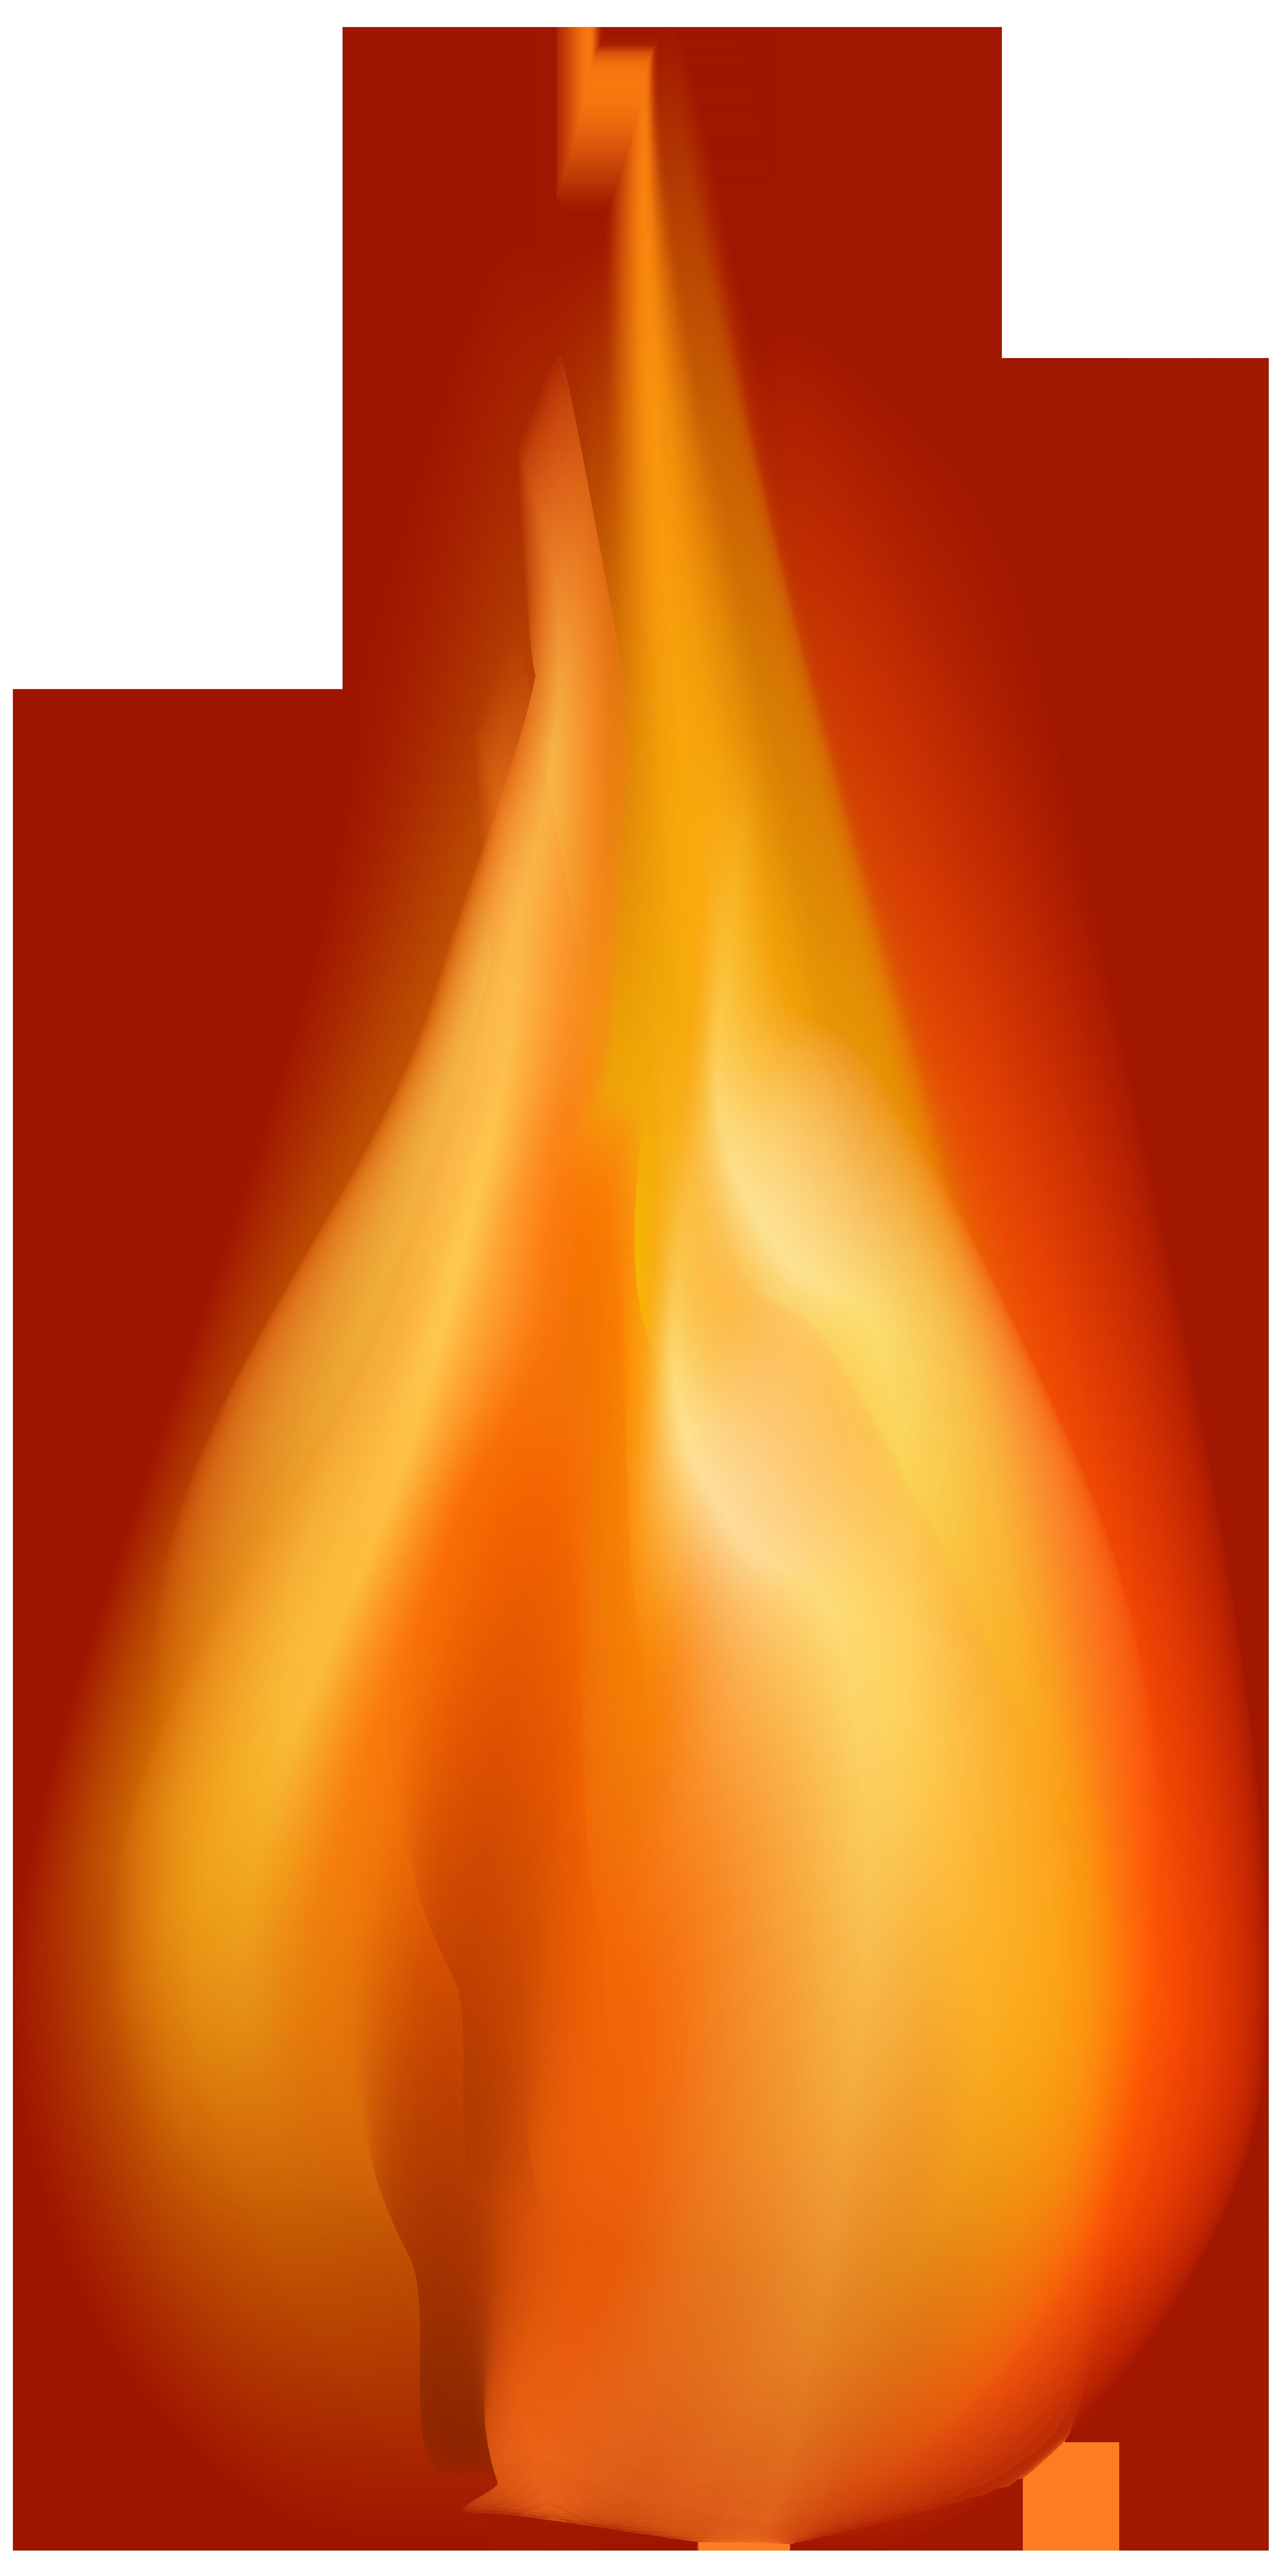 transparent fire clipart #3